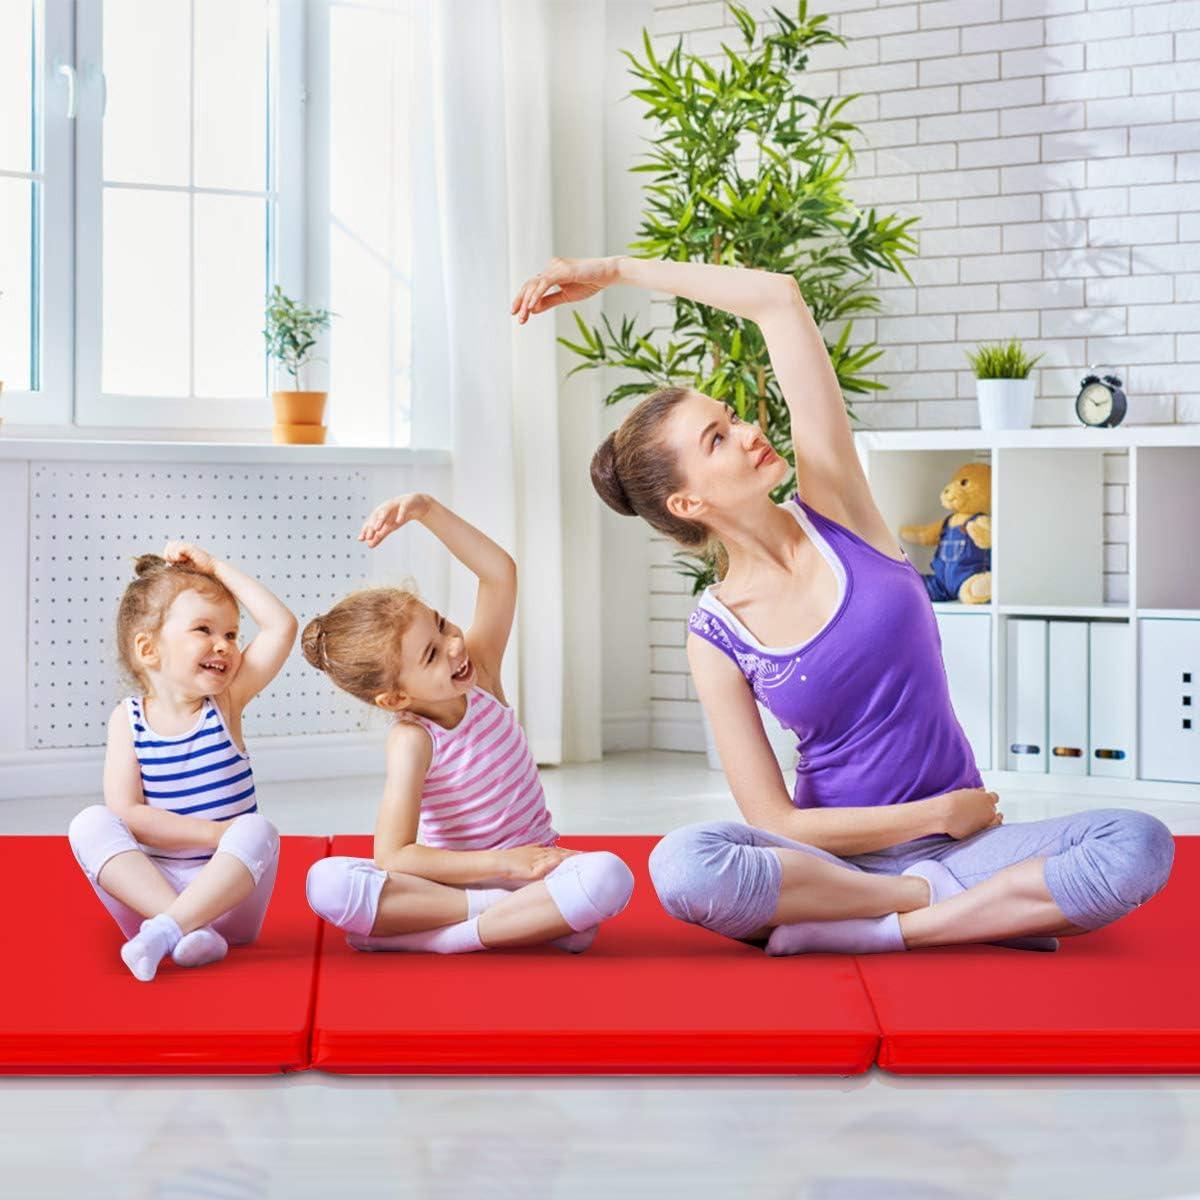 GOPLUS Weichbodenmatte Turnmatte Yogamatte Gymnastikmatte Sportmatte Fitnessmatte klappbar PU Farbwahl 180x60x5 cm